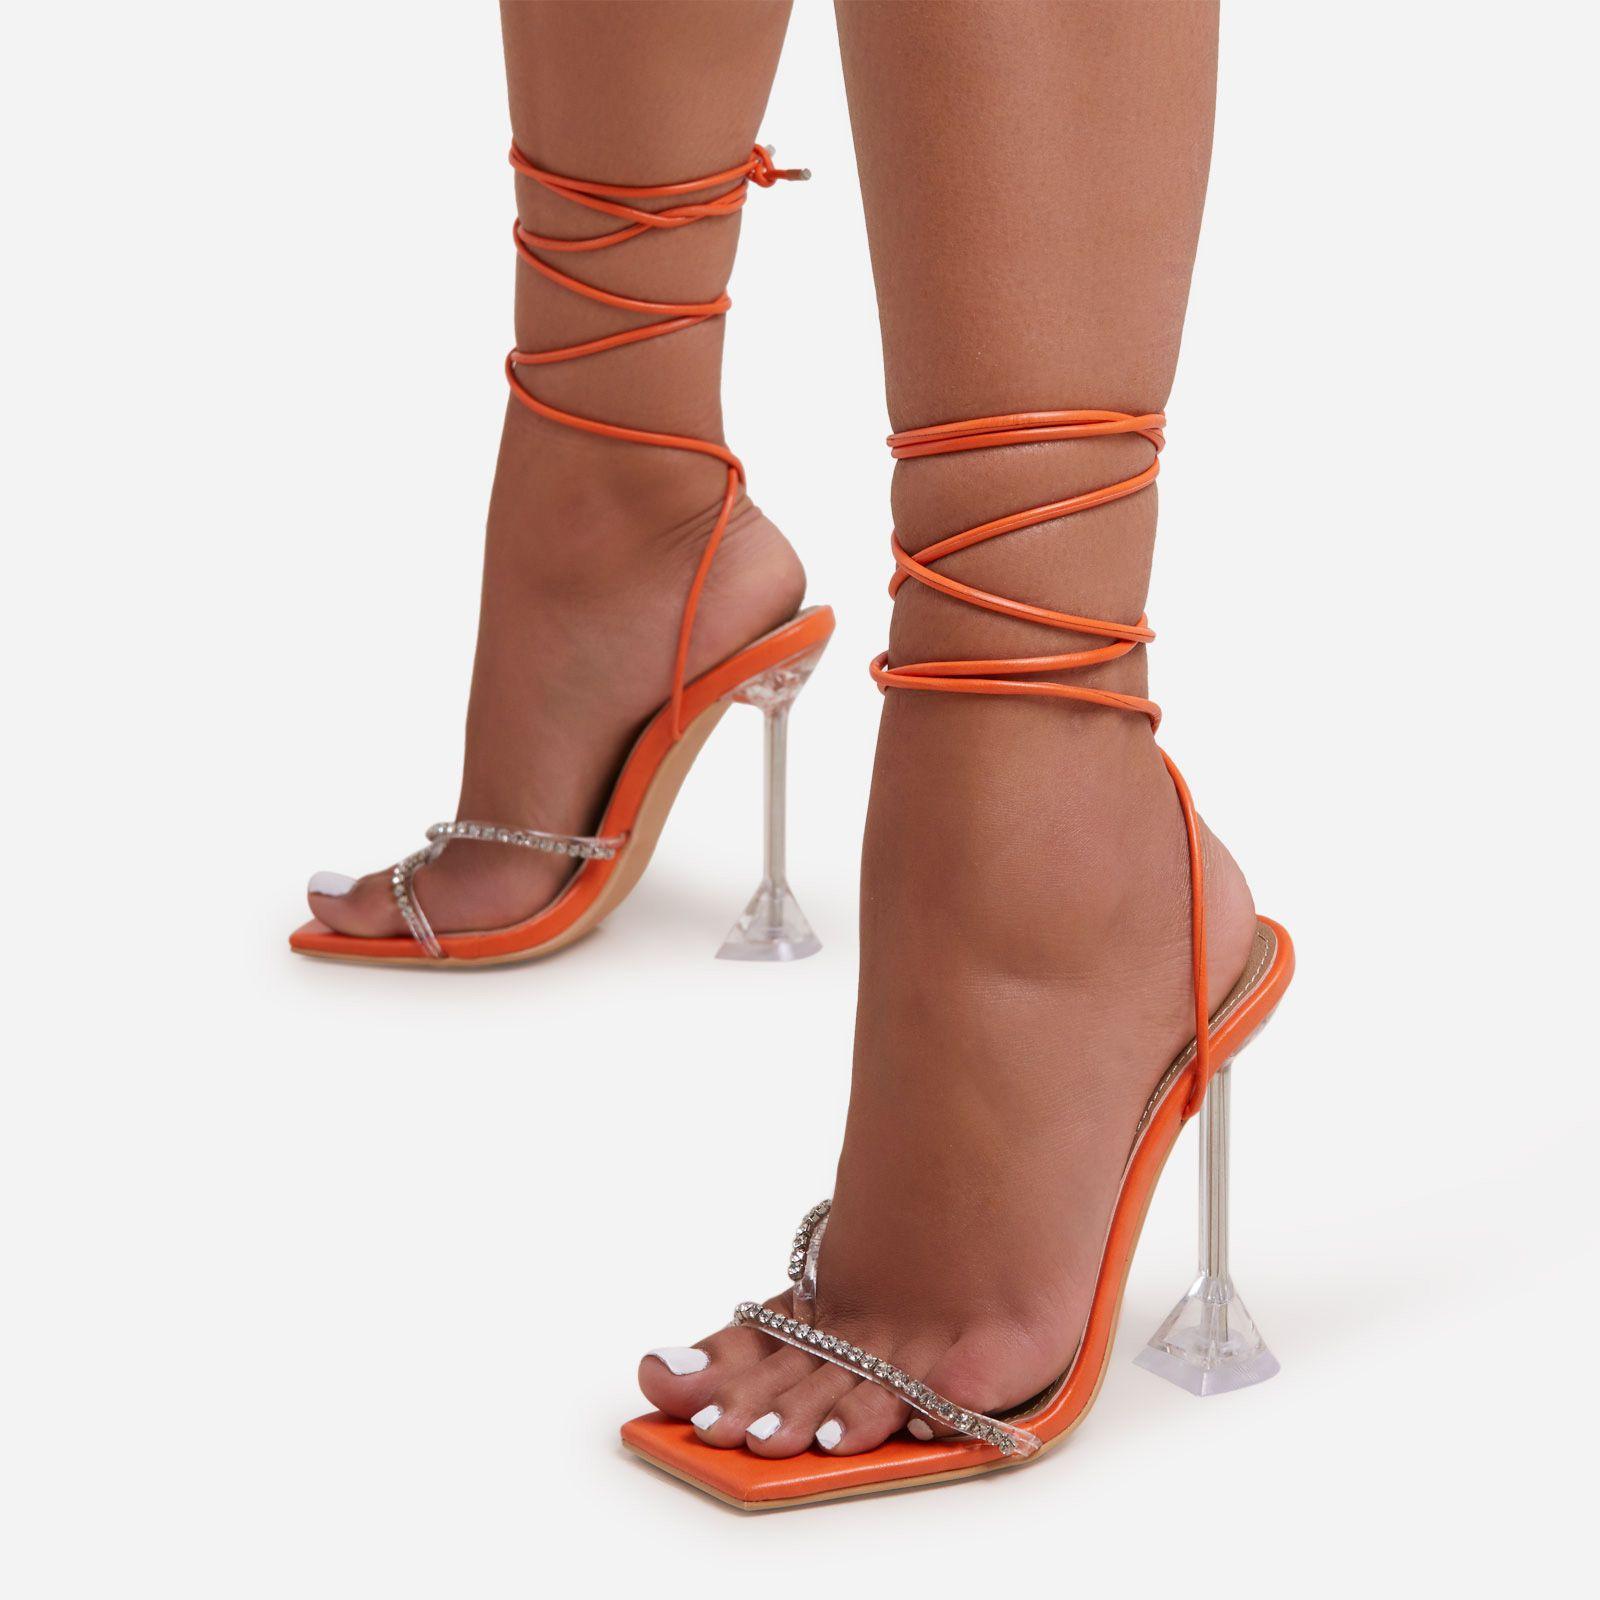 orange strap up heels